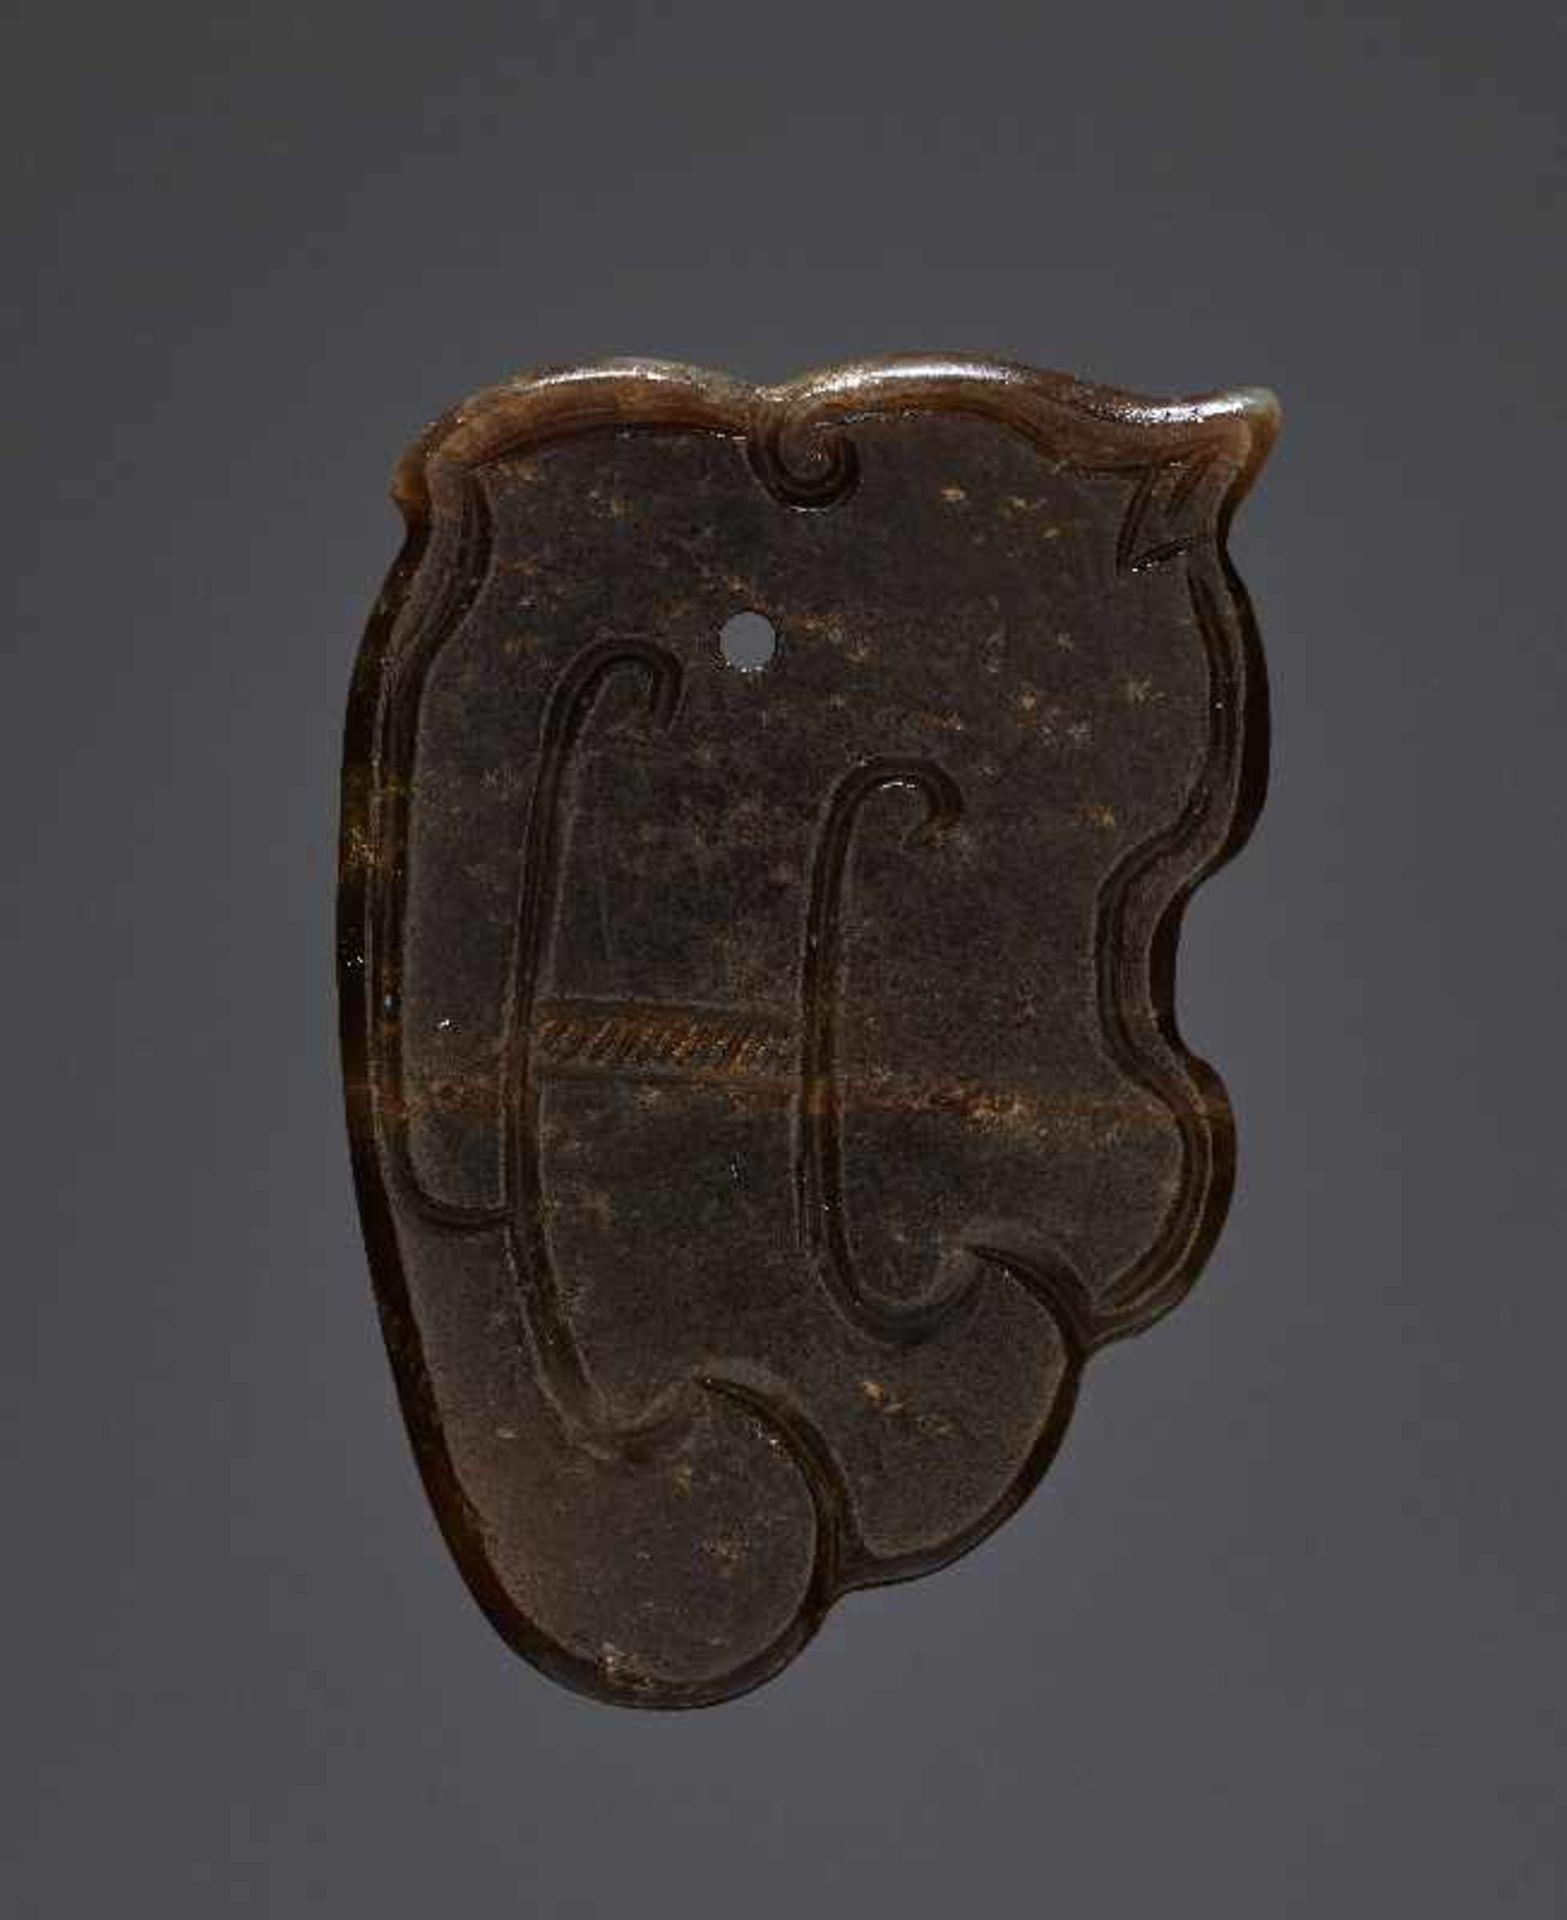 KONVOLUT MIT EINER BI UND DREI AMULETTENJade. China, späte Qing-Dynastie, 19. Jh. 75a: BI Jade. - Image 2 of 17